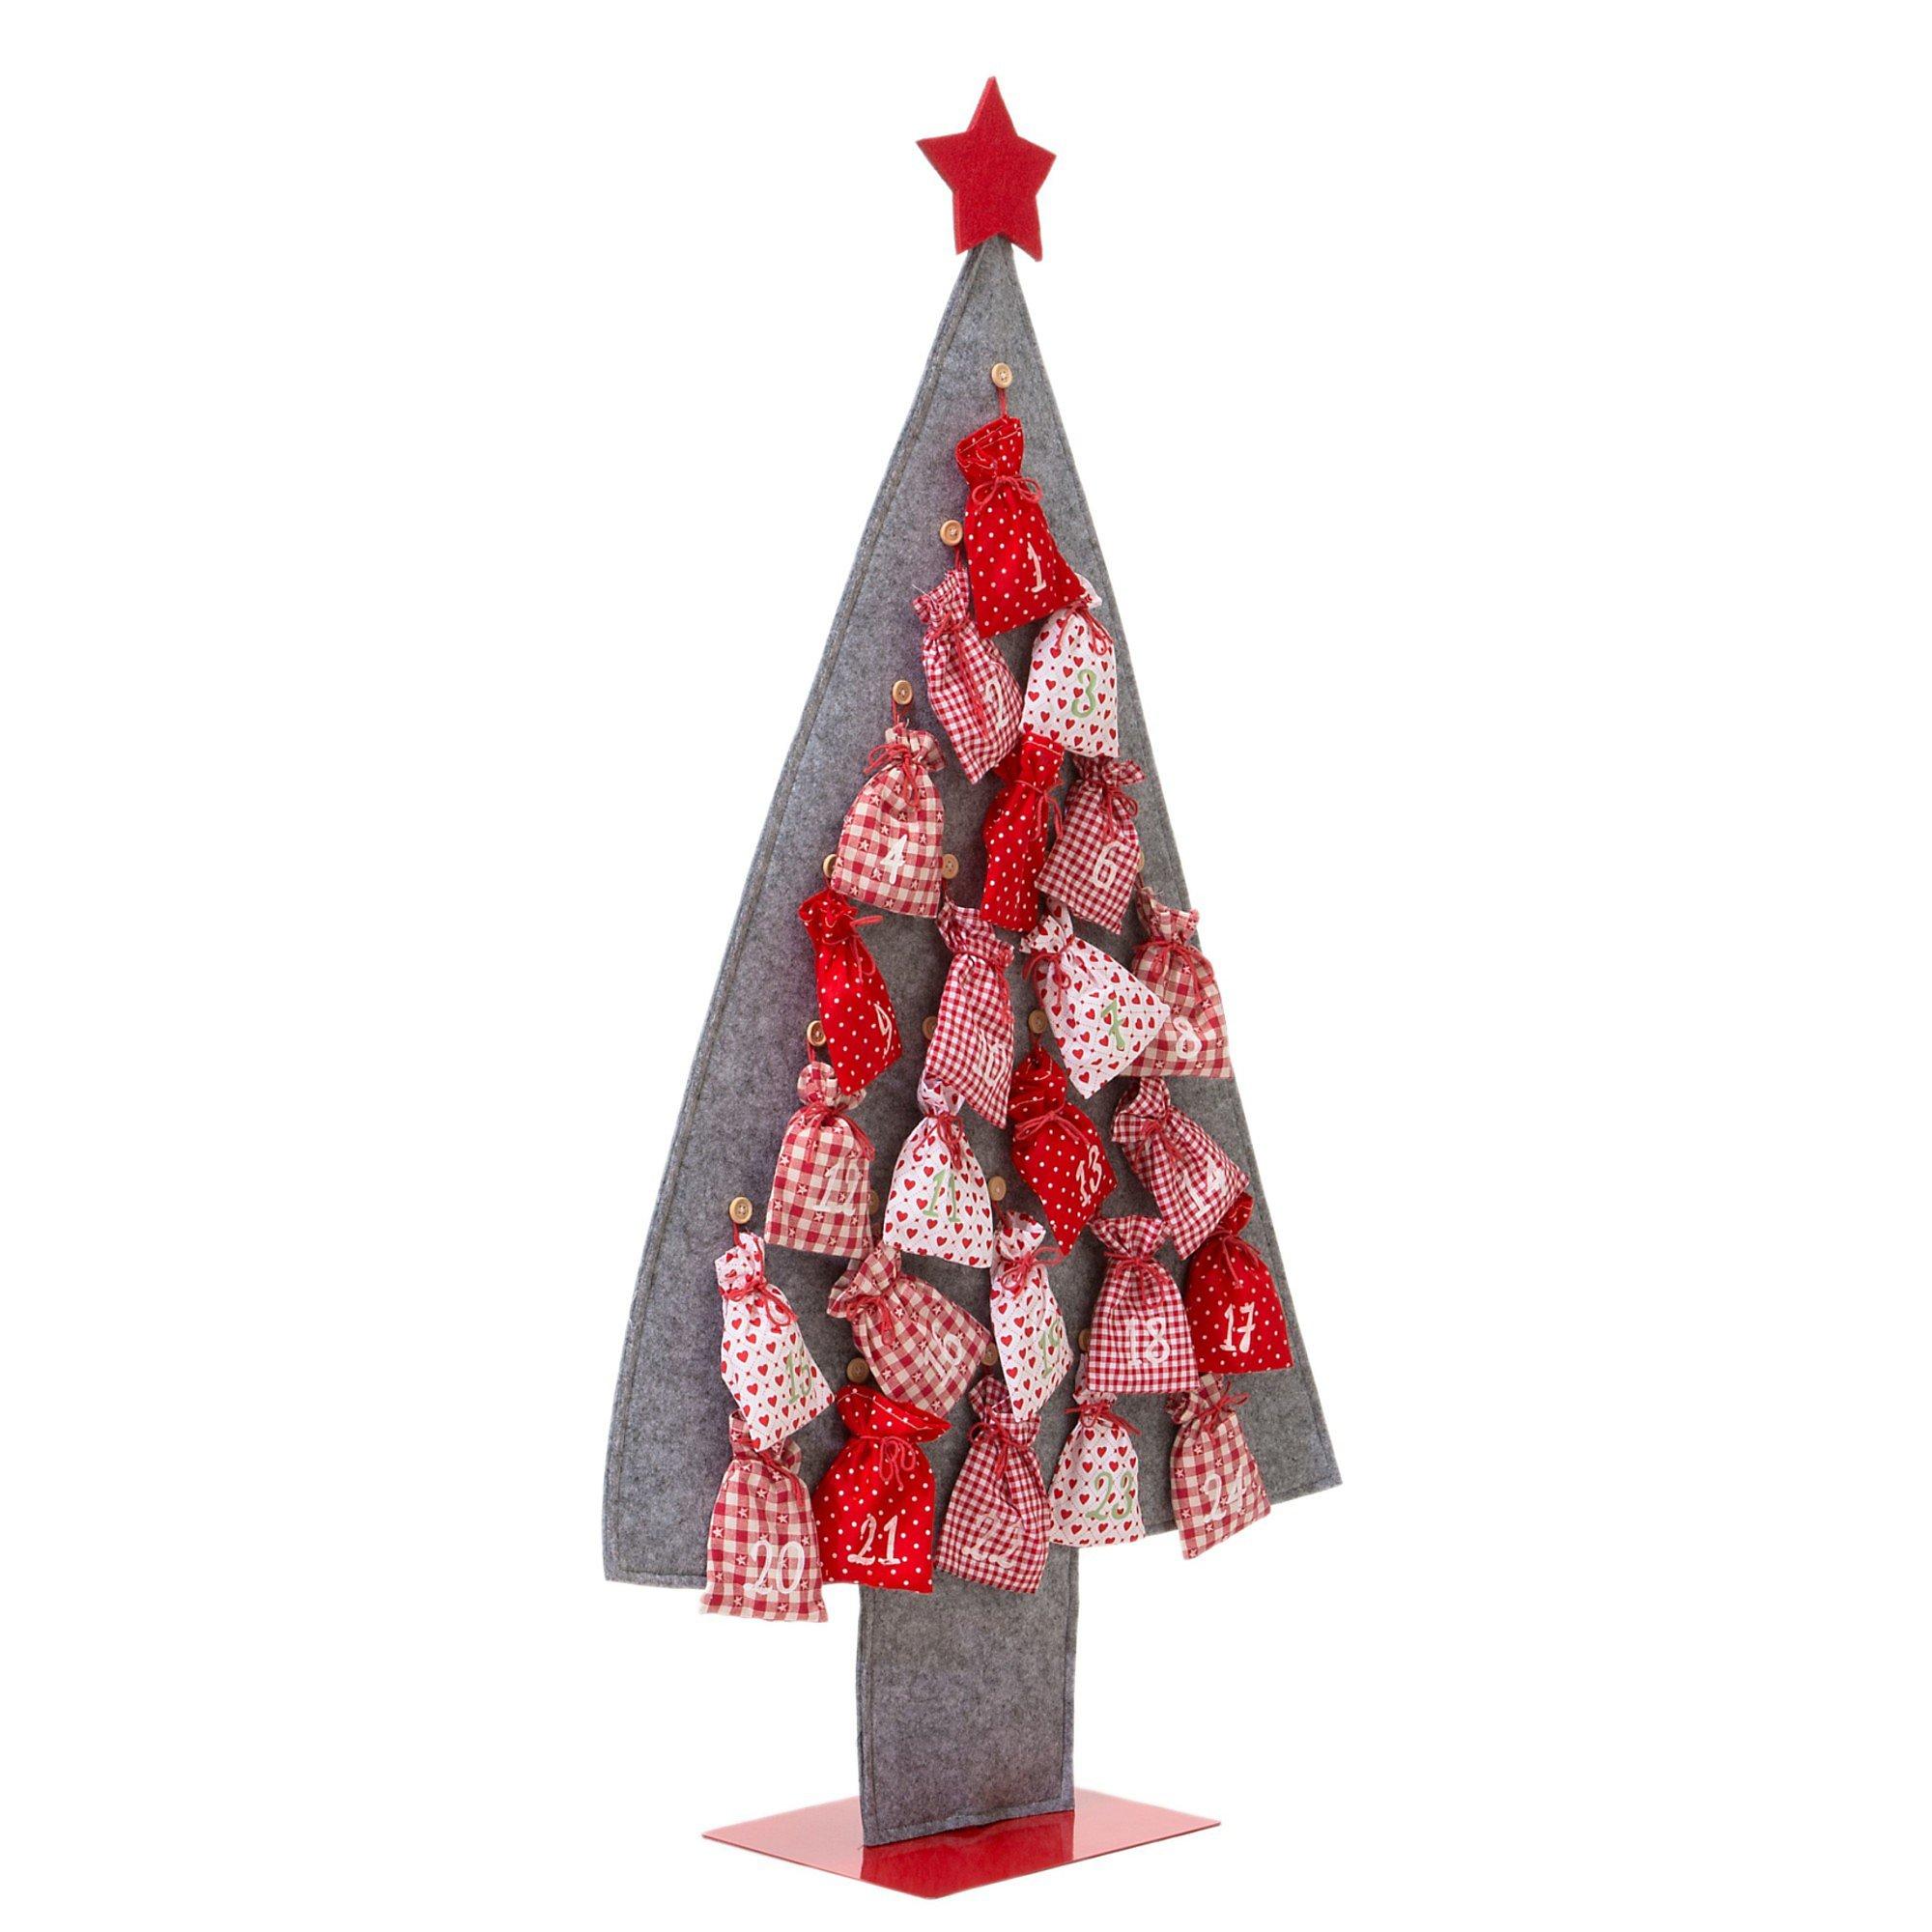 Weihnachtskalender Tannenbaum.Adventskalender Tannenbaum Jetzt Bei Weltbild De Bestellen